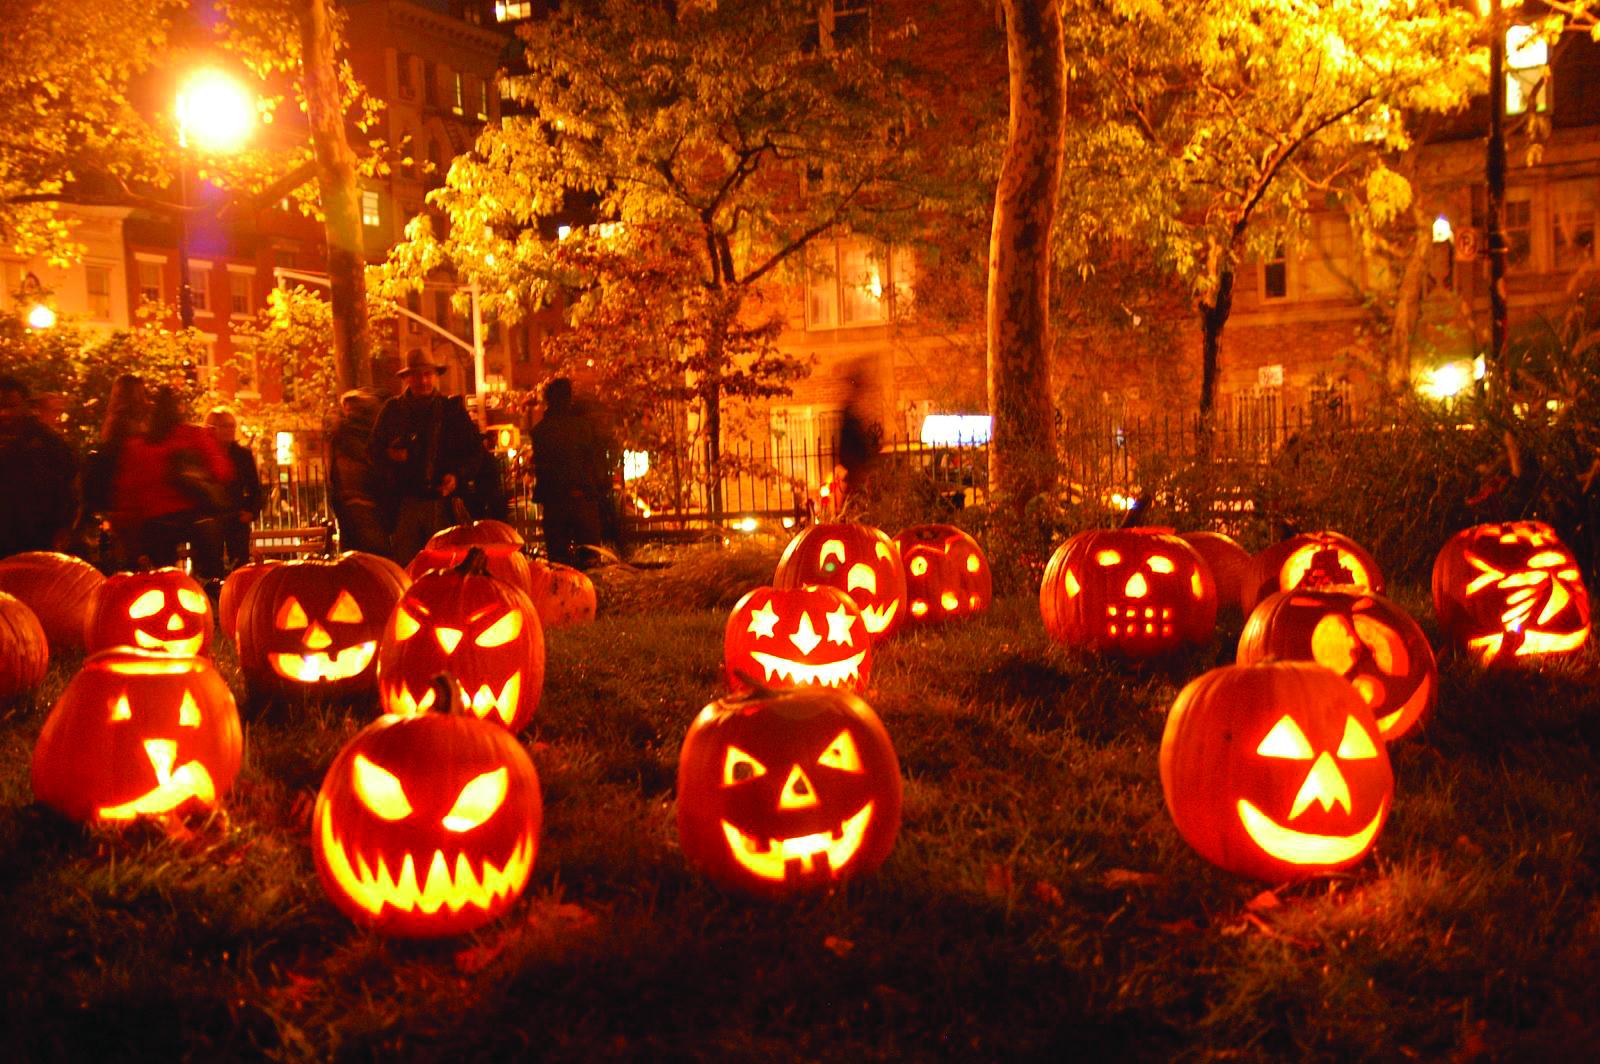 Хэллоуин - официальный спонсор тыквенных семечек